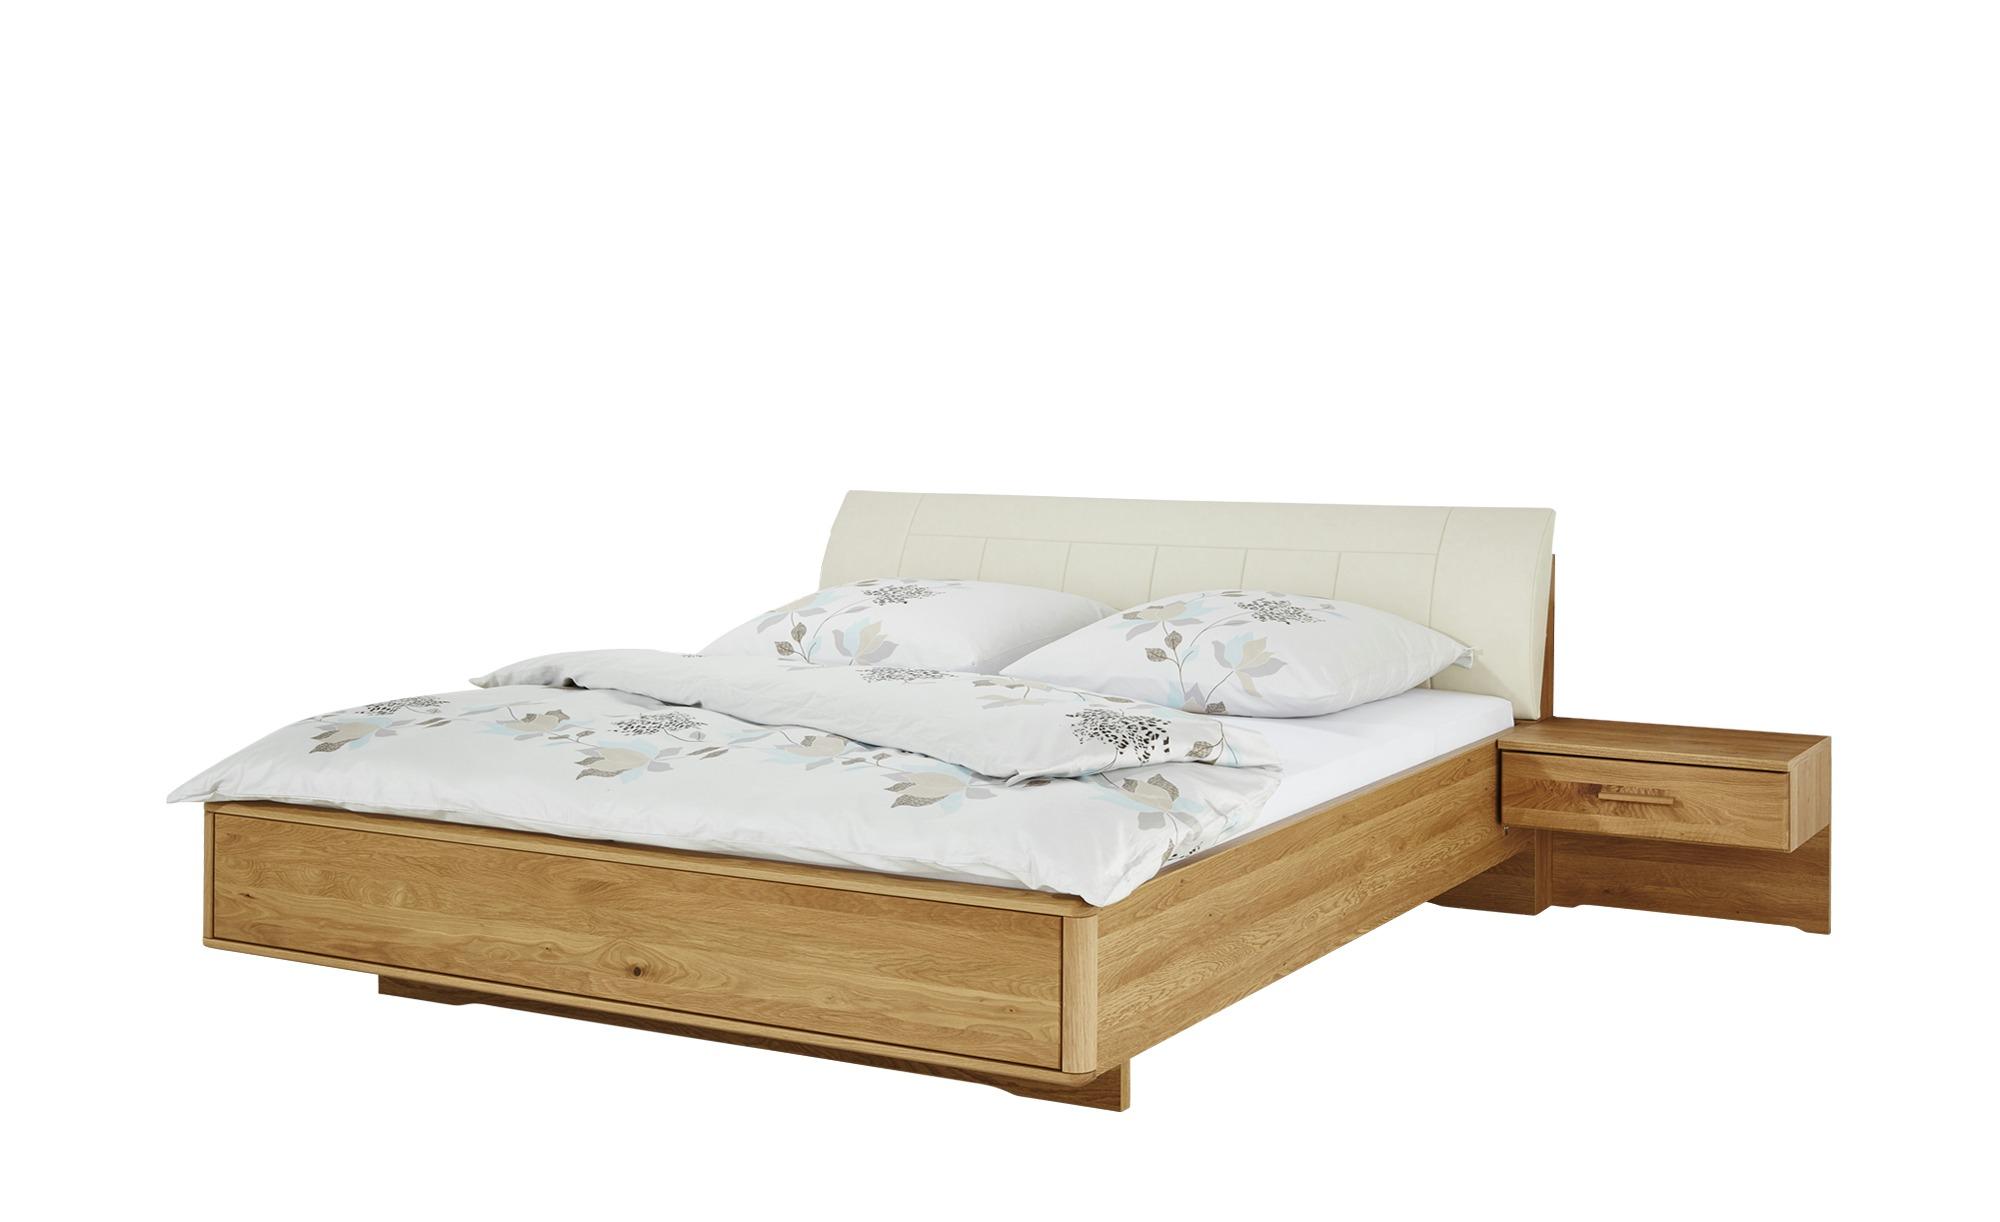 Woodford Bettanlage 180x200 Creme Eiche Kyran Holzfarben Maße Cm B 189 H 91 Betten Futonbetten Höffner Holzfarben Bett Möbel Landhausstil